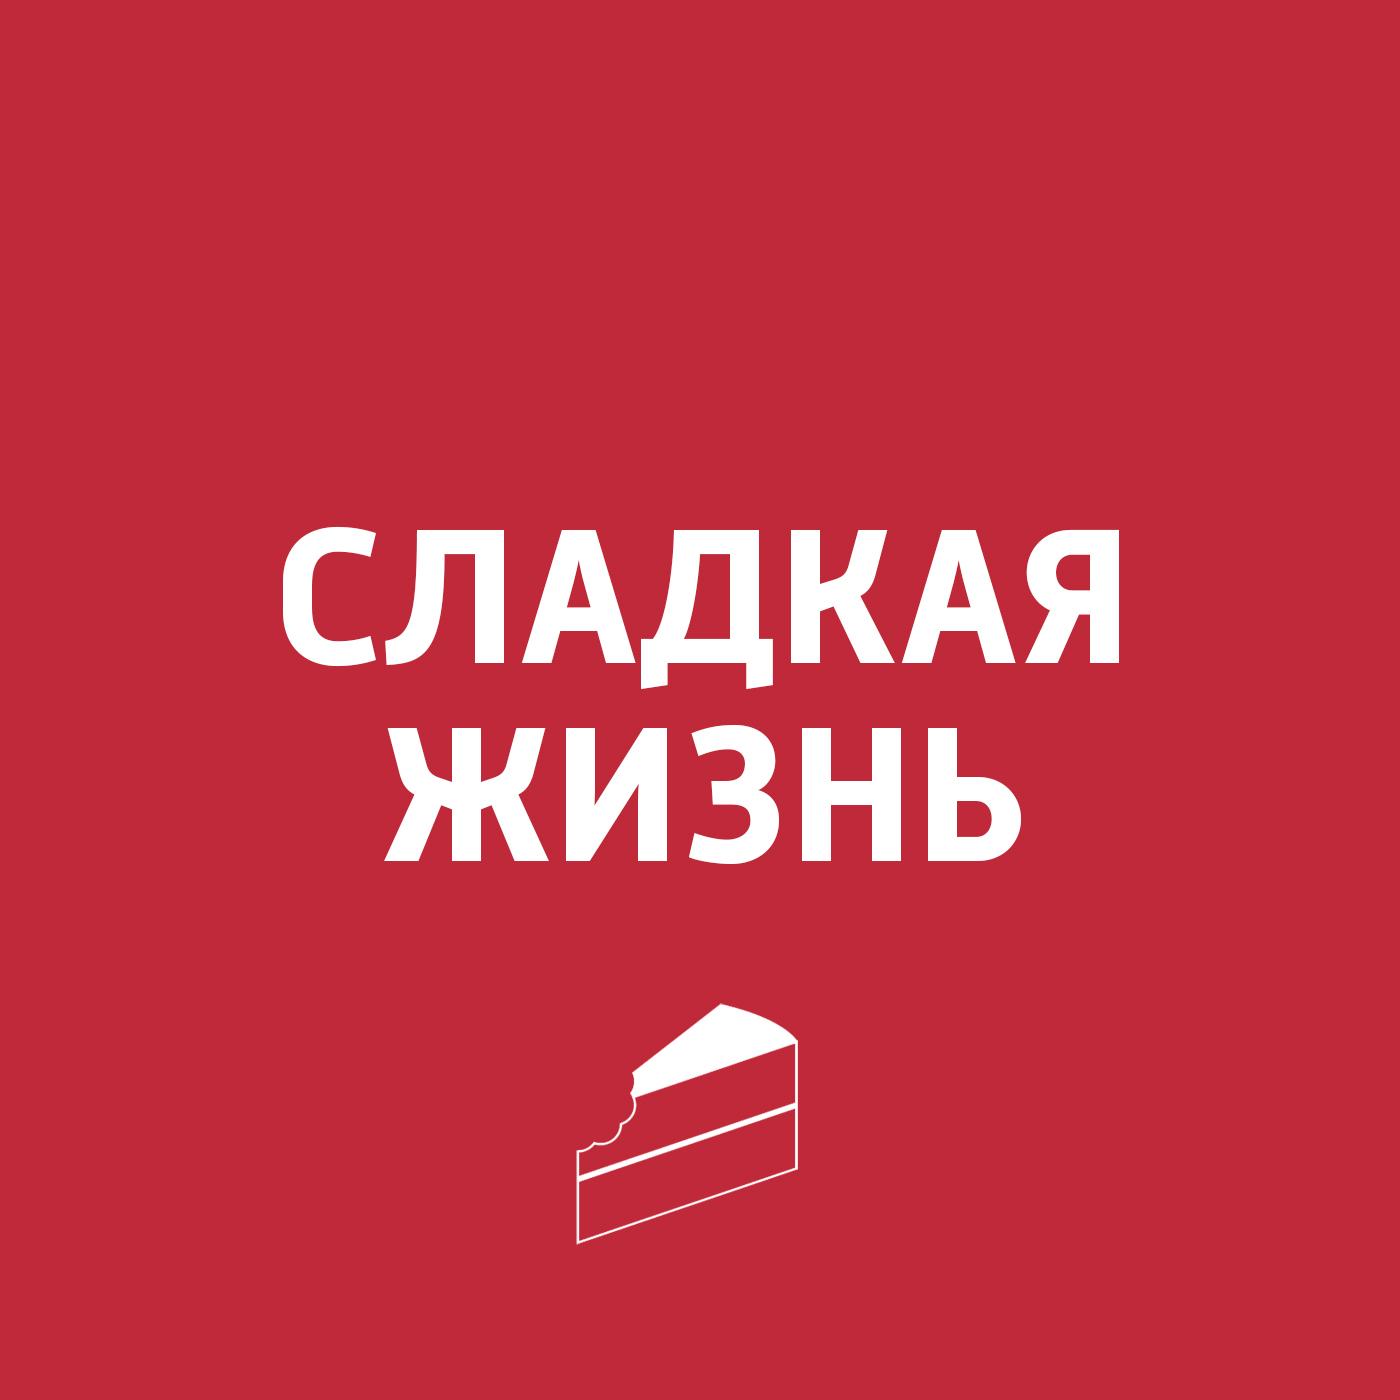 Картаев Павел Грильяж картаев павел восточные сладости